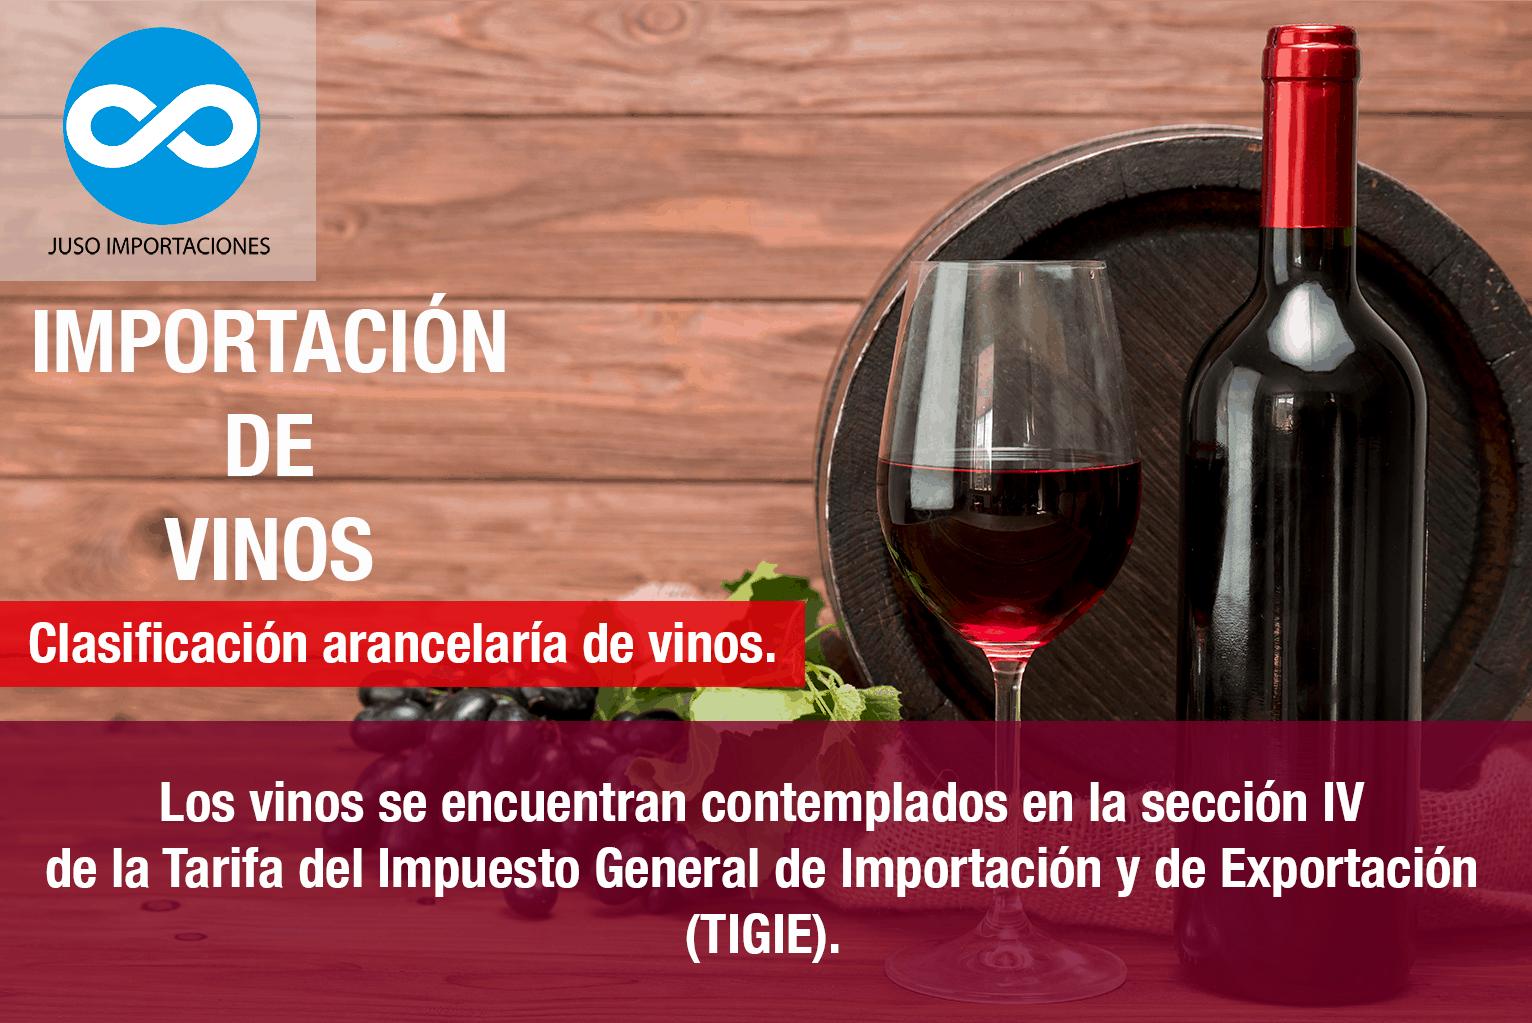 Agencia Adunal Juso Importaciones México padrón de importaciones para vinos